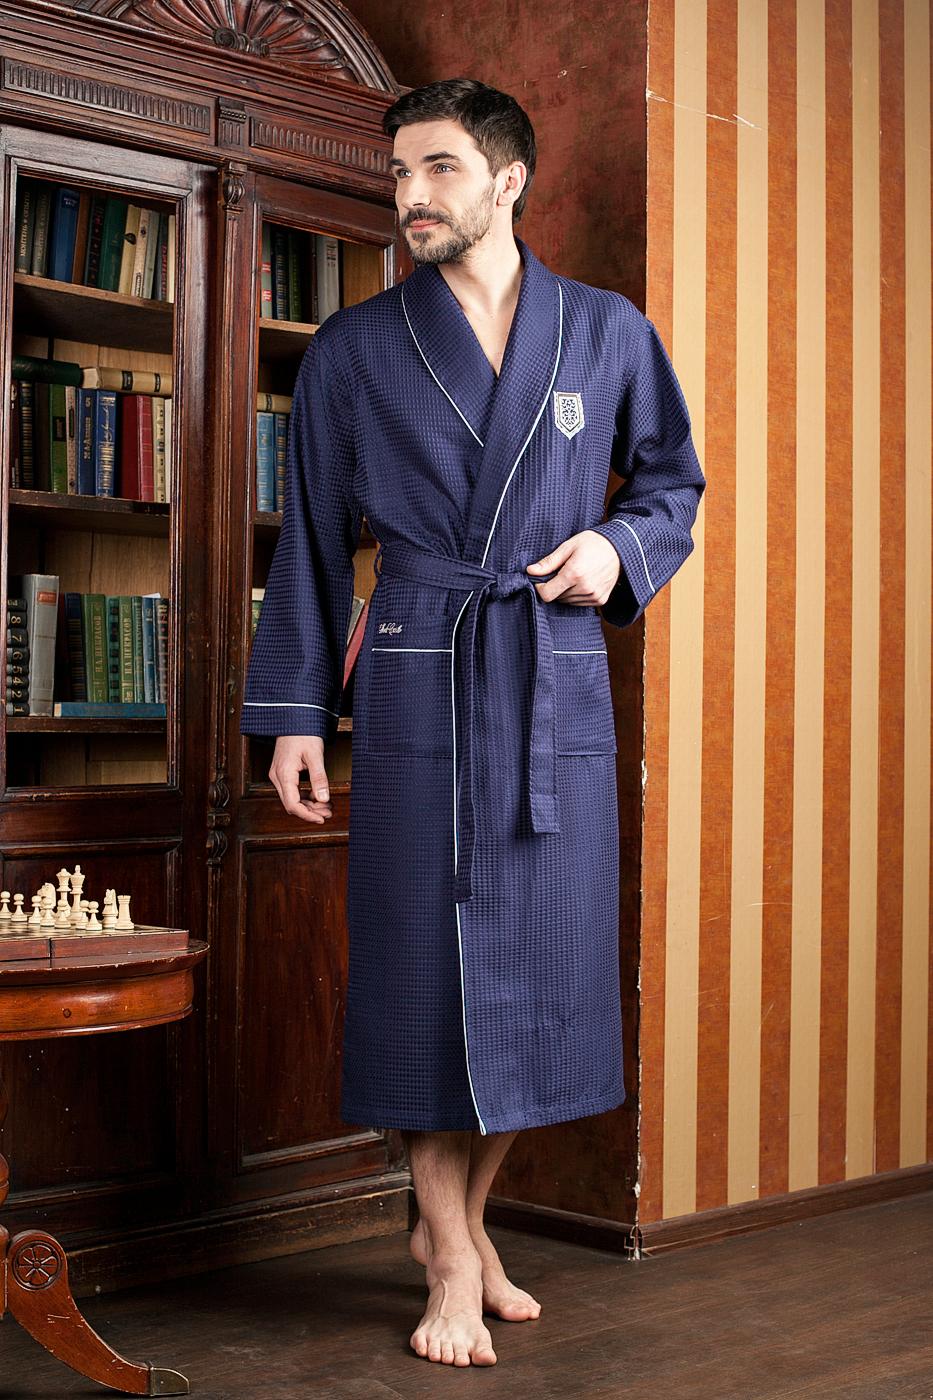 Халат мужской Five Wien Home, цвет: синий. 431. Размер XXL (52/54)431Шикарный вафельный бамбуковый халат с элегантной вышивкой на груди и на кармане. Выполнен из высококачественного материала.